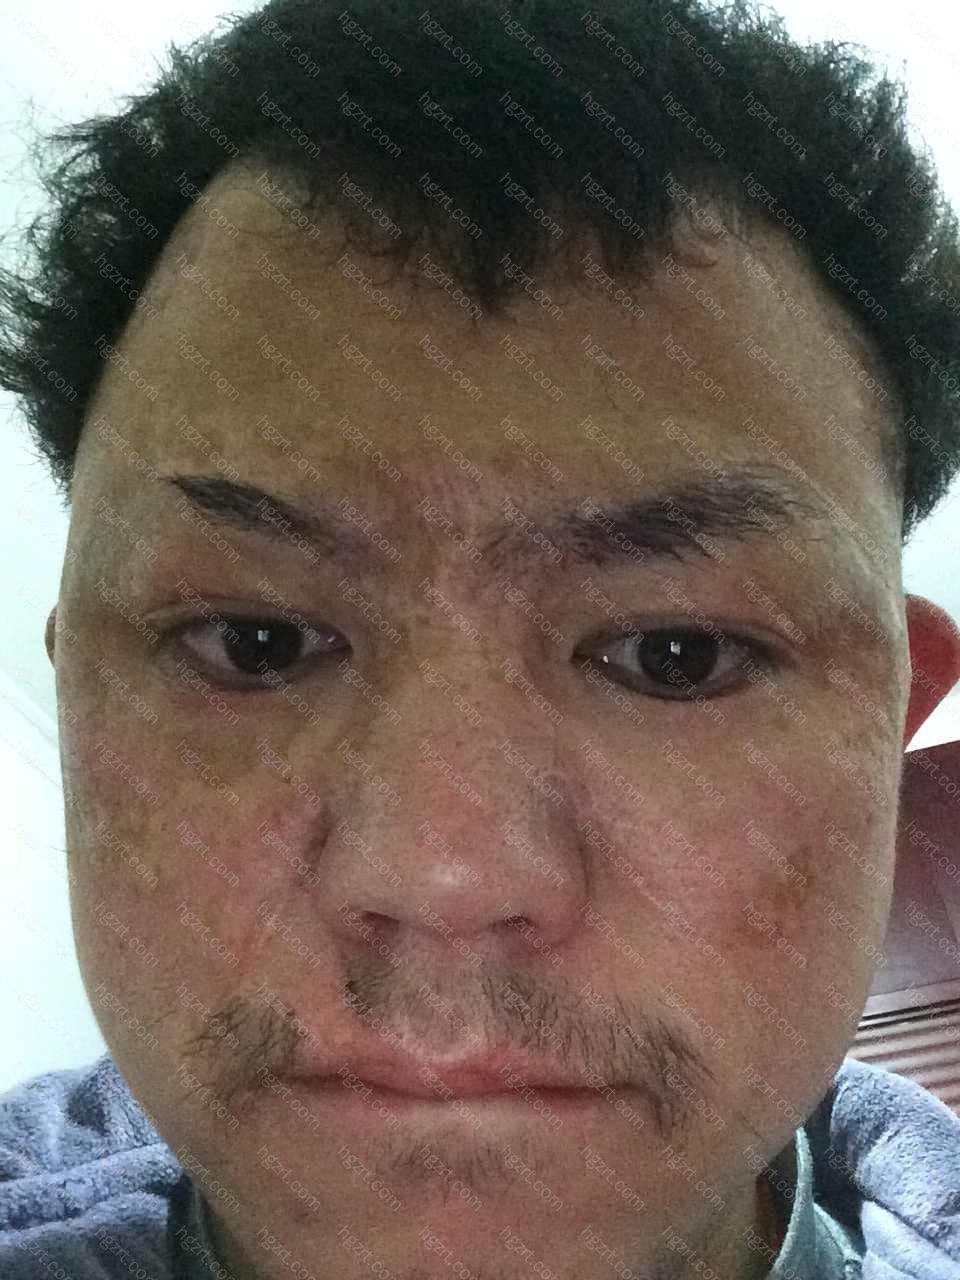 给疤痕上精油的时候可千万别福泽没有疤的肌肤了